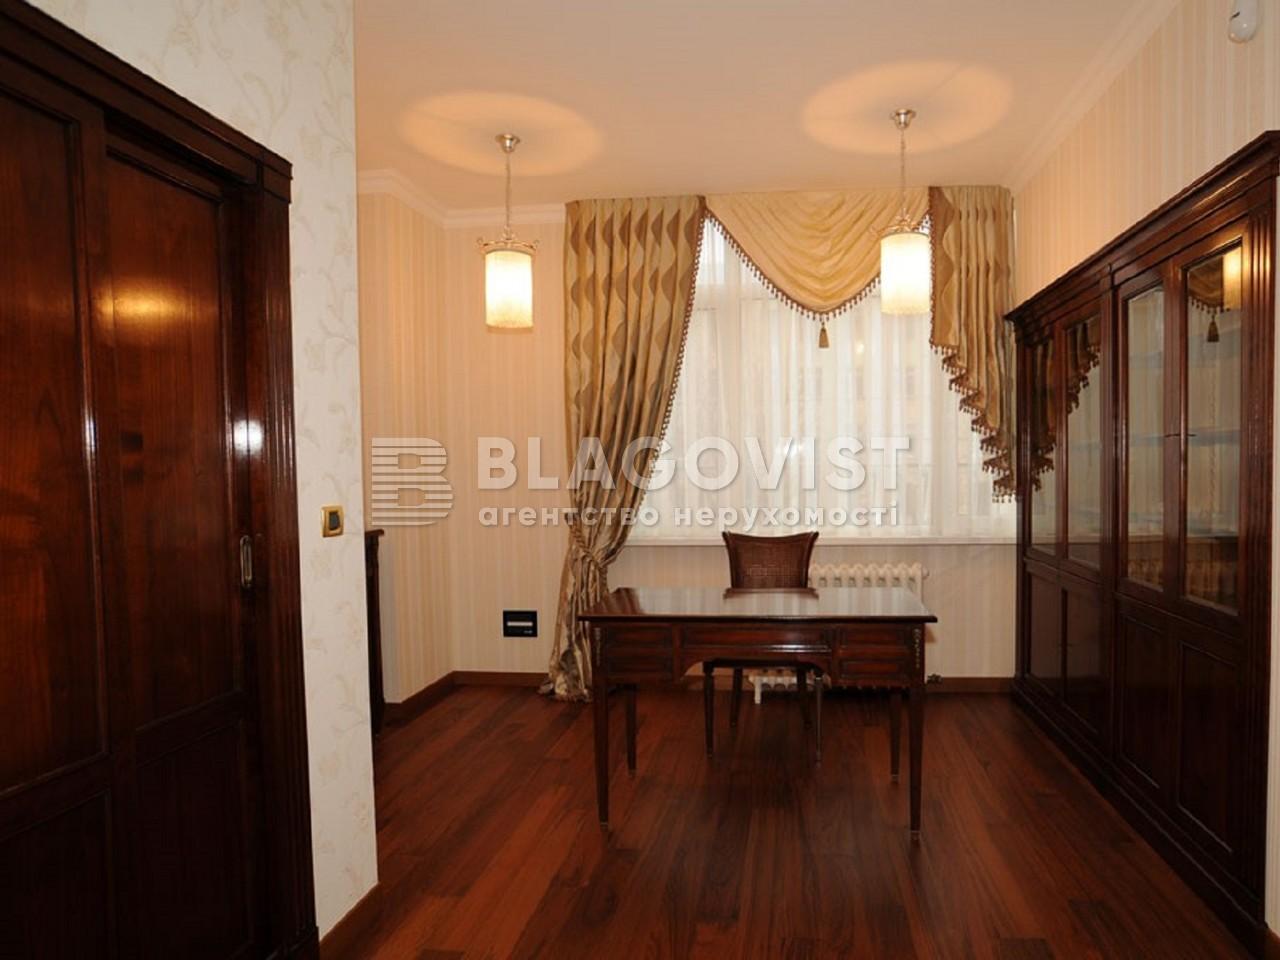 Квартира M-16109, Антоновича (Горького), 72, Киев - Фото 13